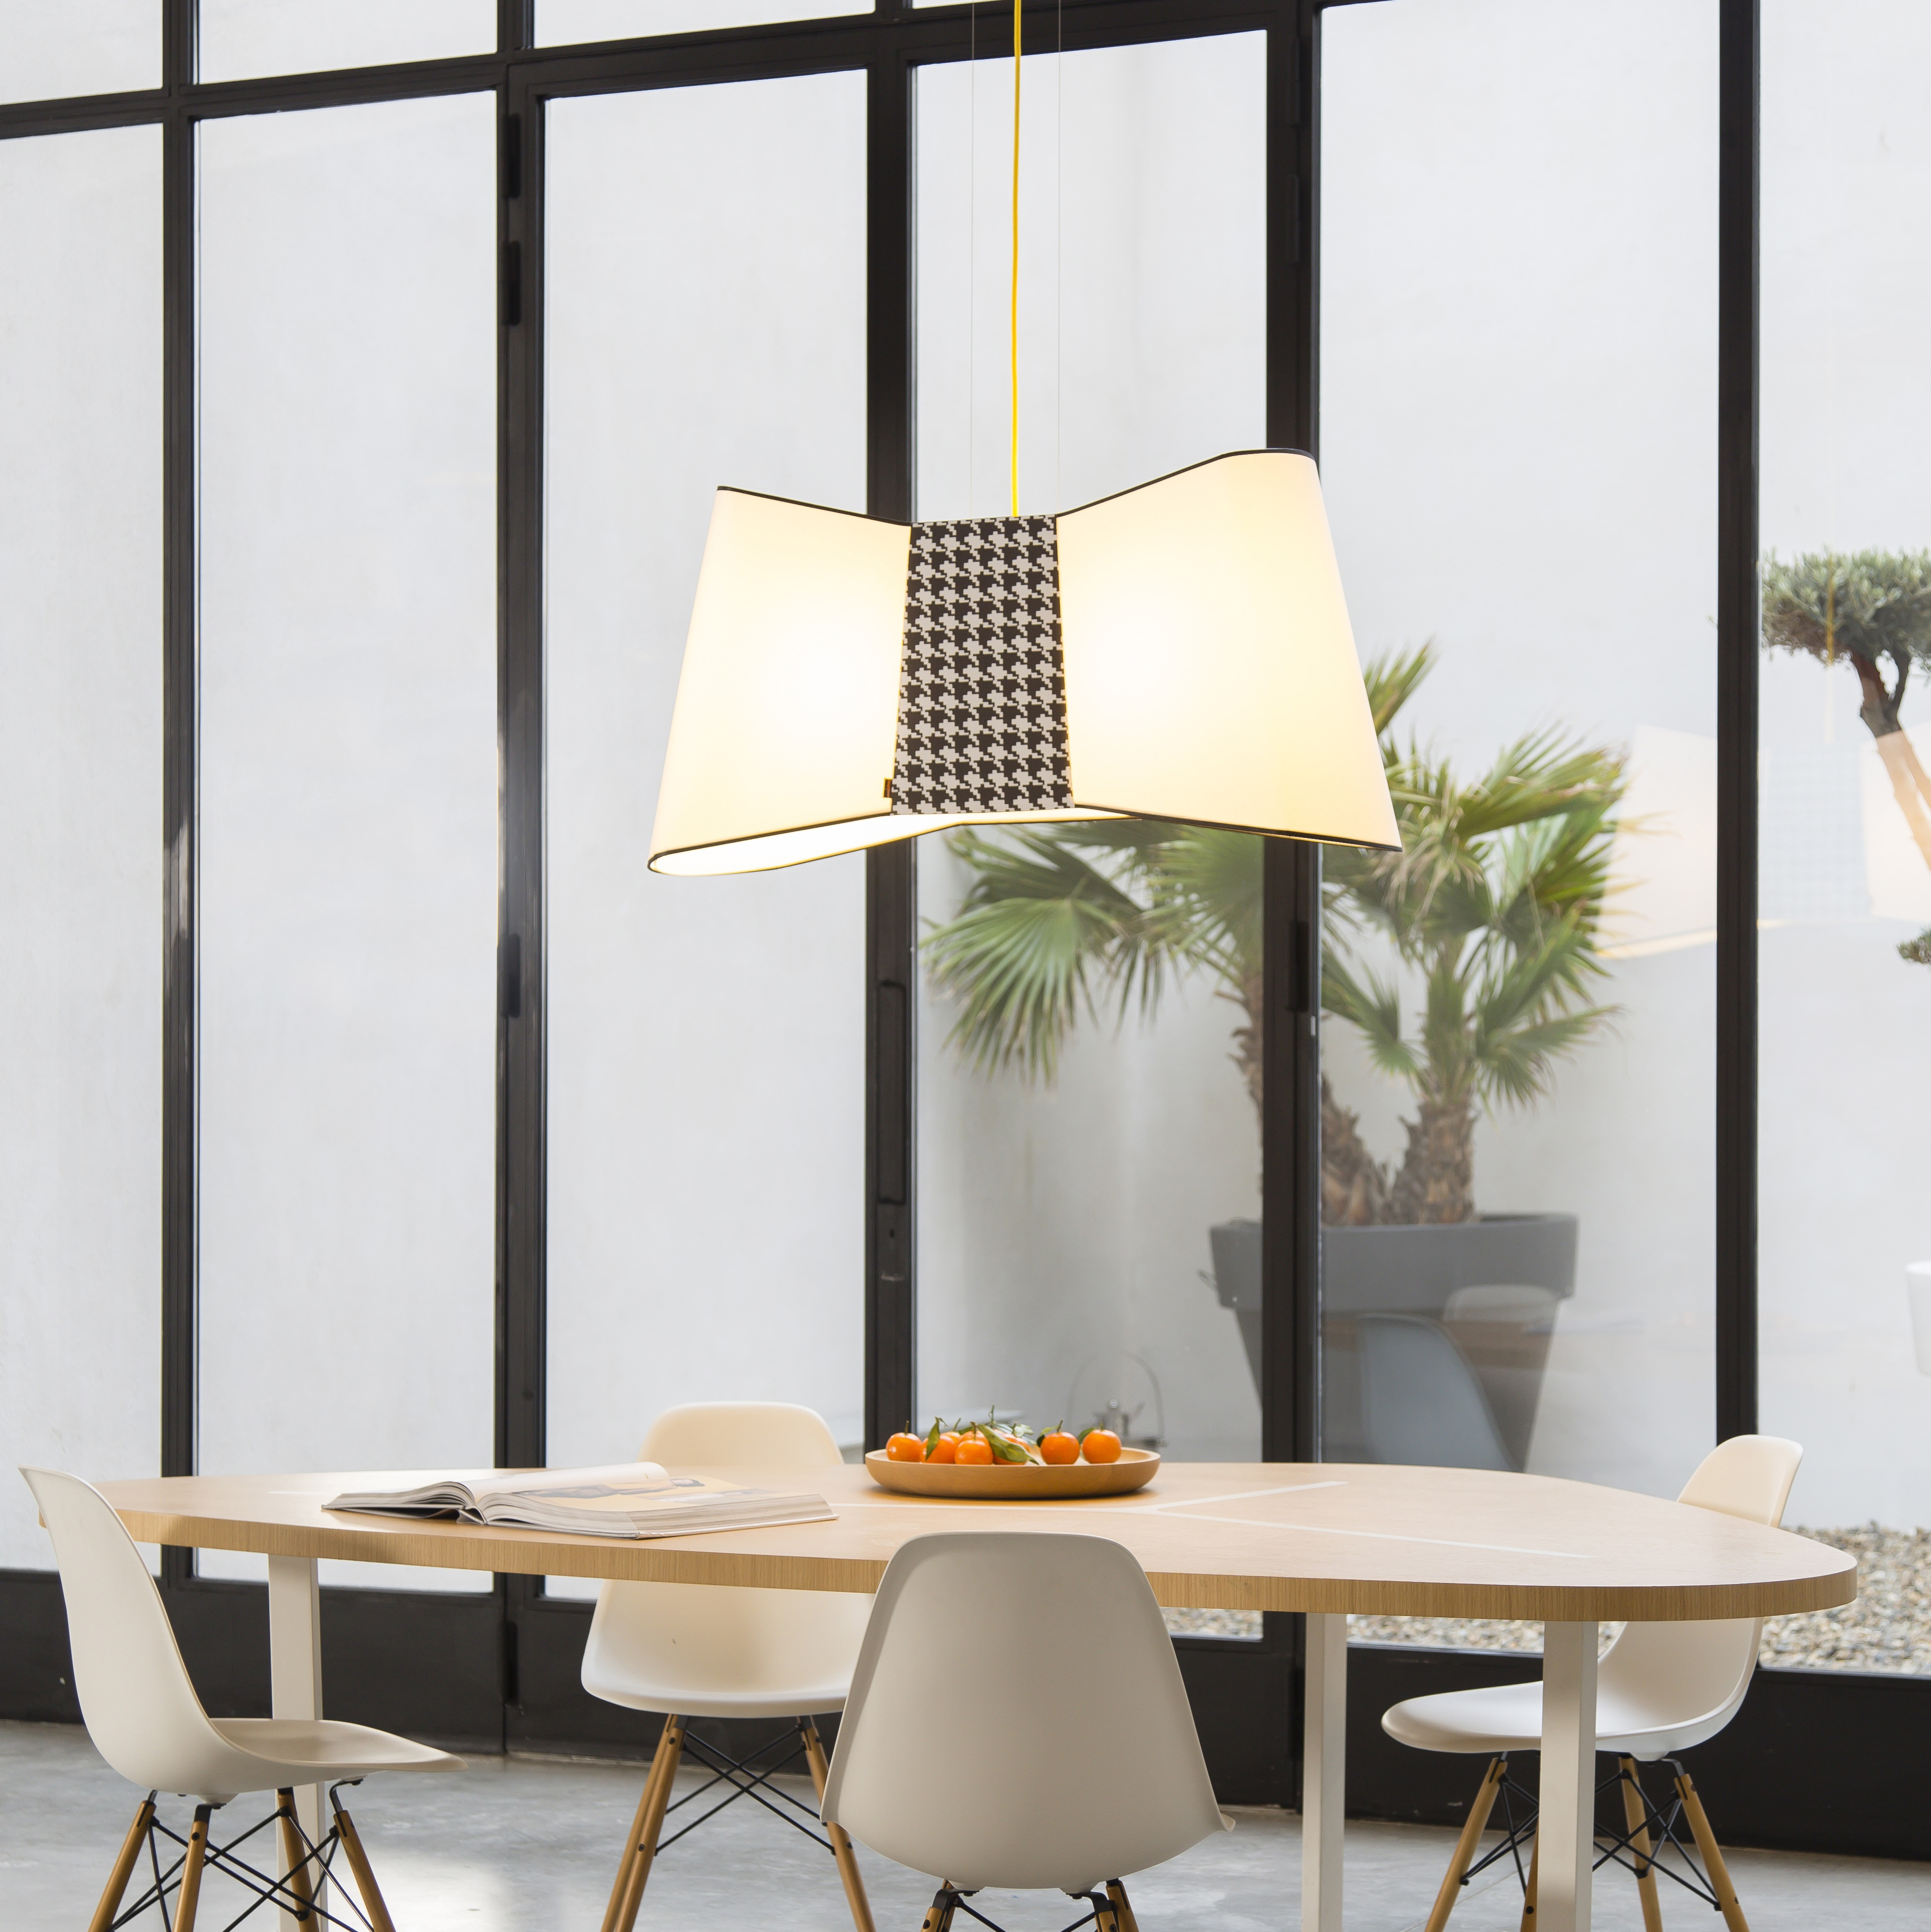 suspension xxl grand couture blanc pied de poule l100cm designheure luminaires nedgis. Black Bedroom Furniture Sets. Home Design Ideas